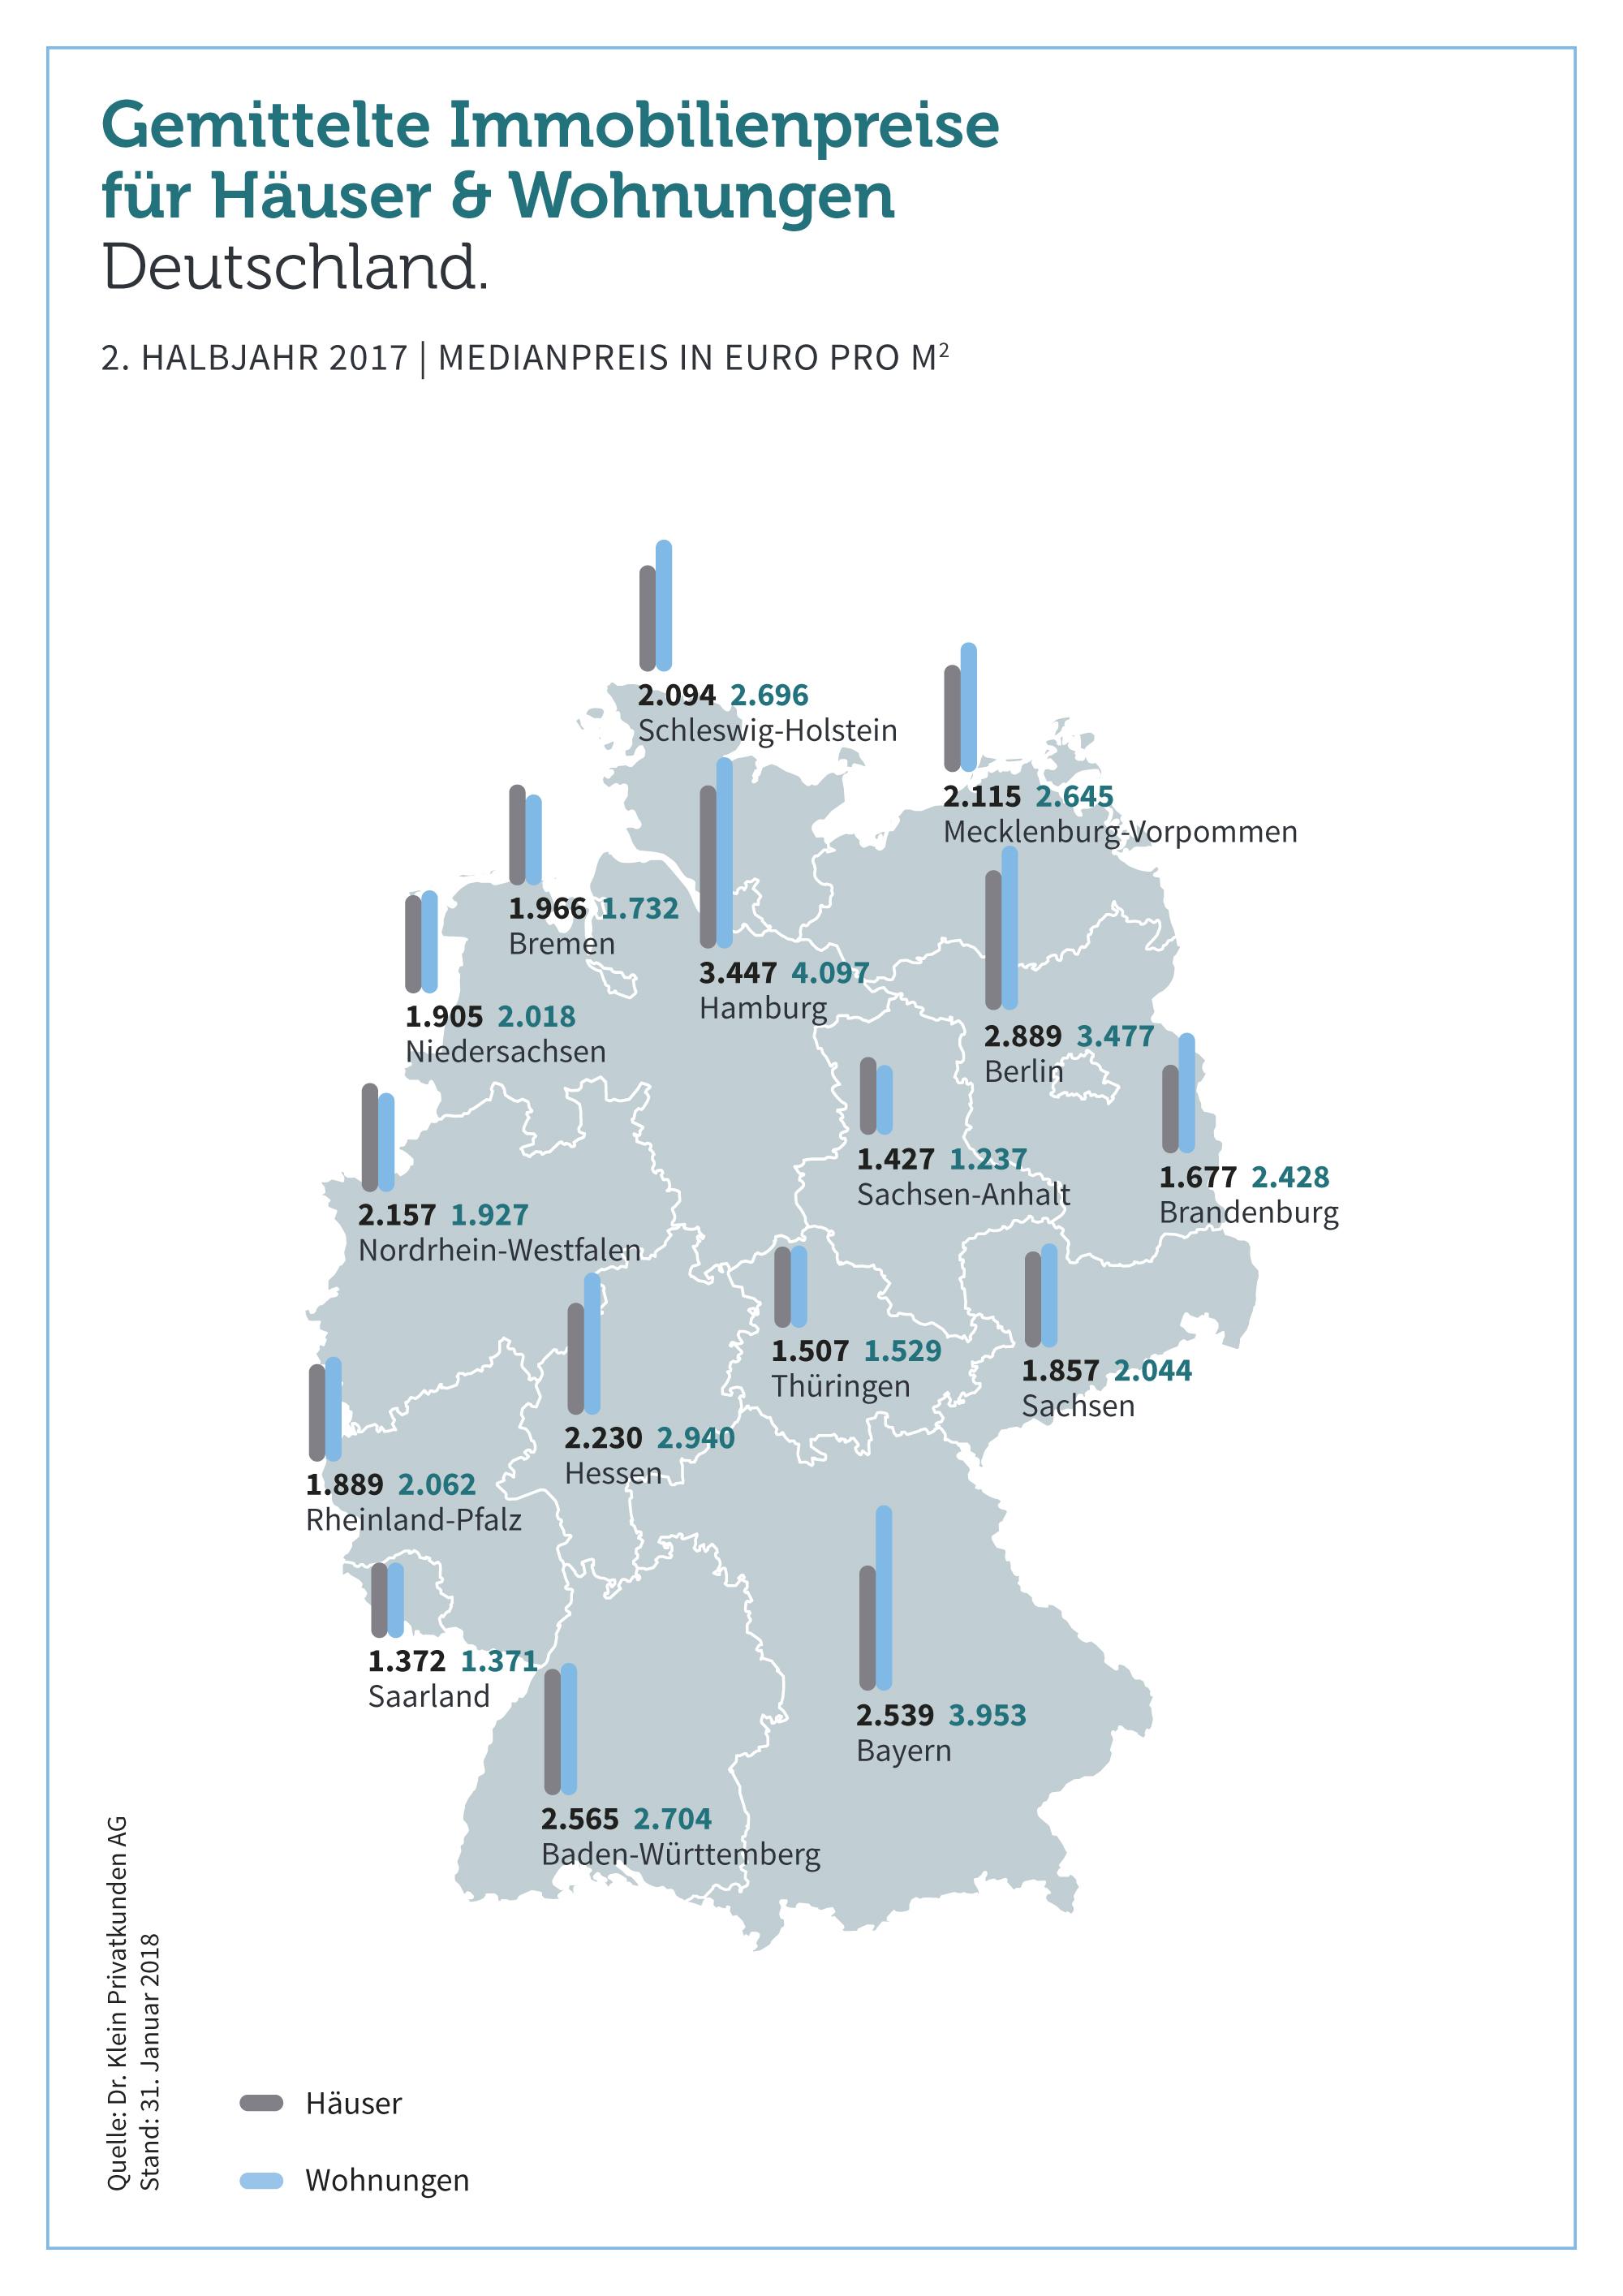 Grafik: Gemittelte Immobilienpreise für Häuser und Wohnungen in Deutschland